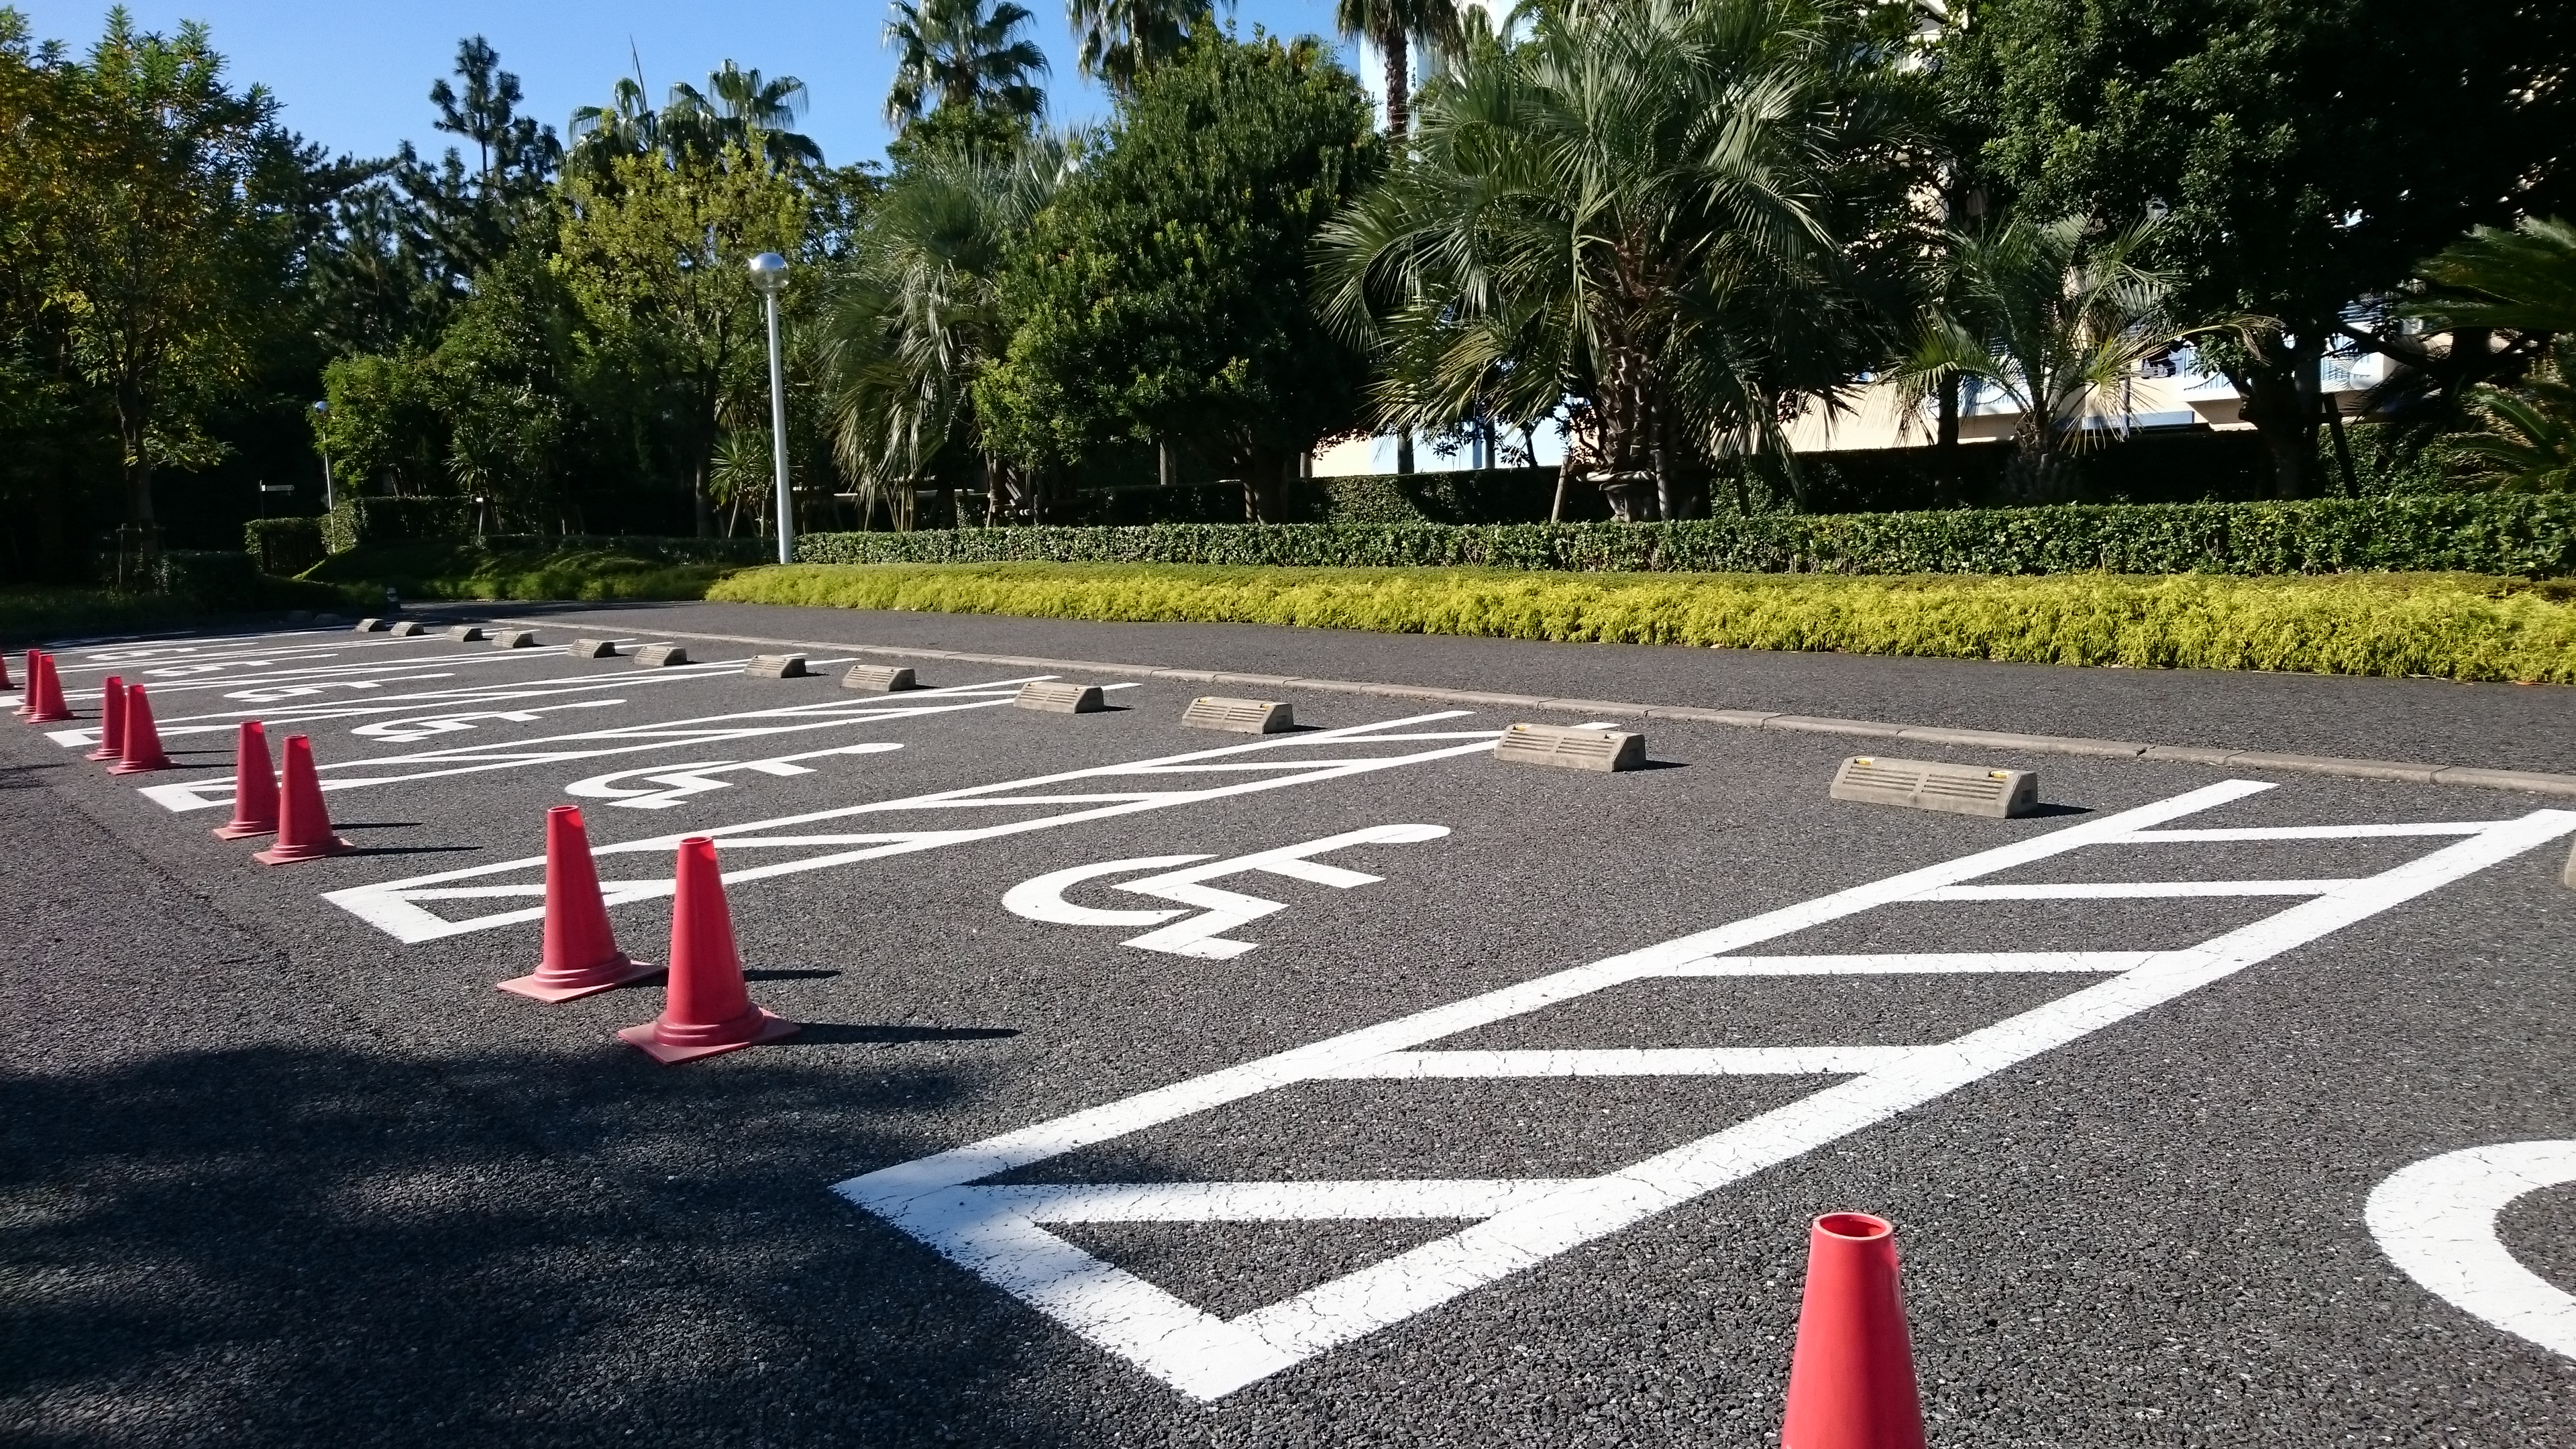 身障者用駐車場【車いすマーク駐車場は誰の場所?】実状編01